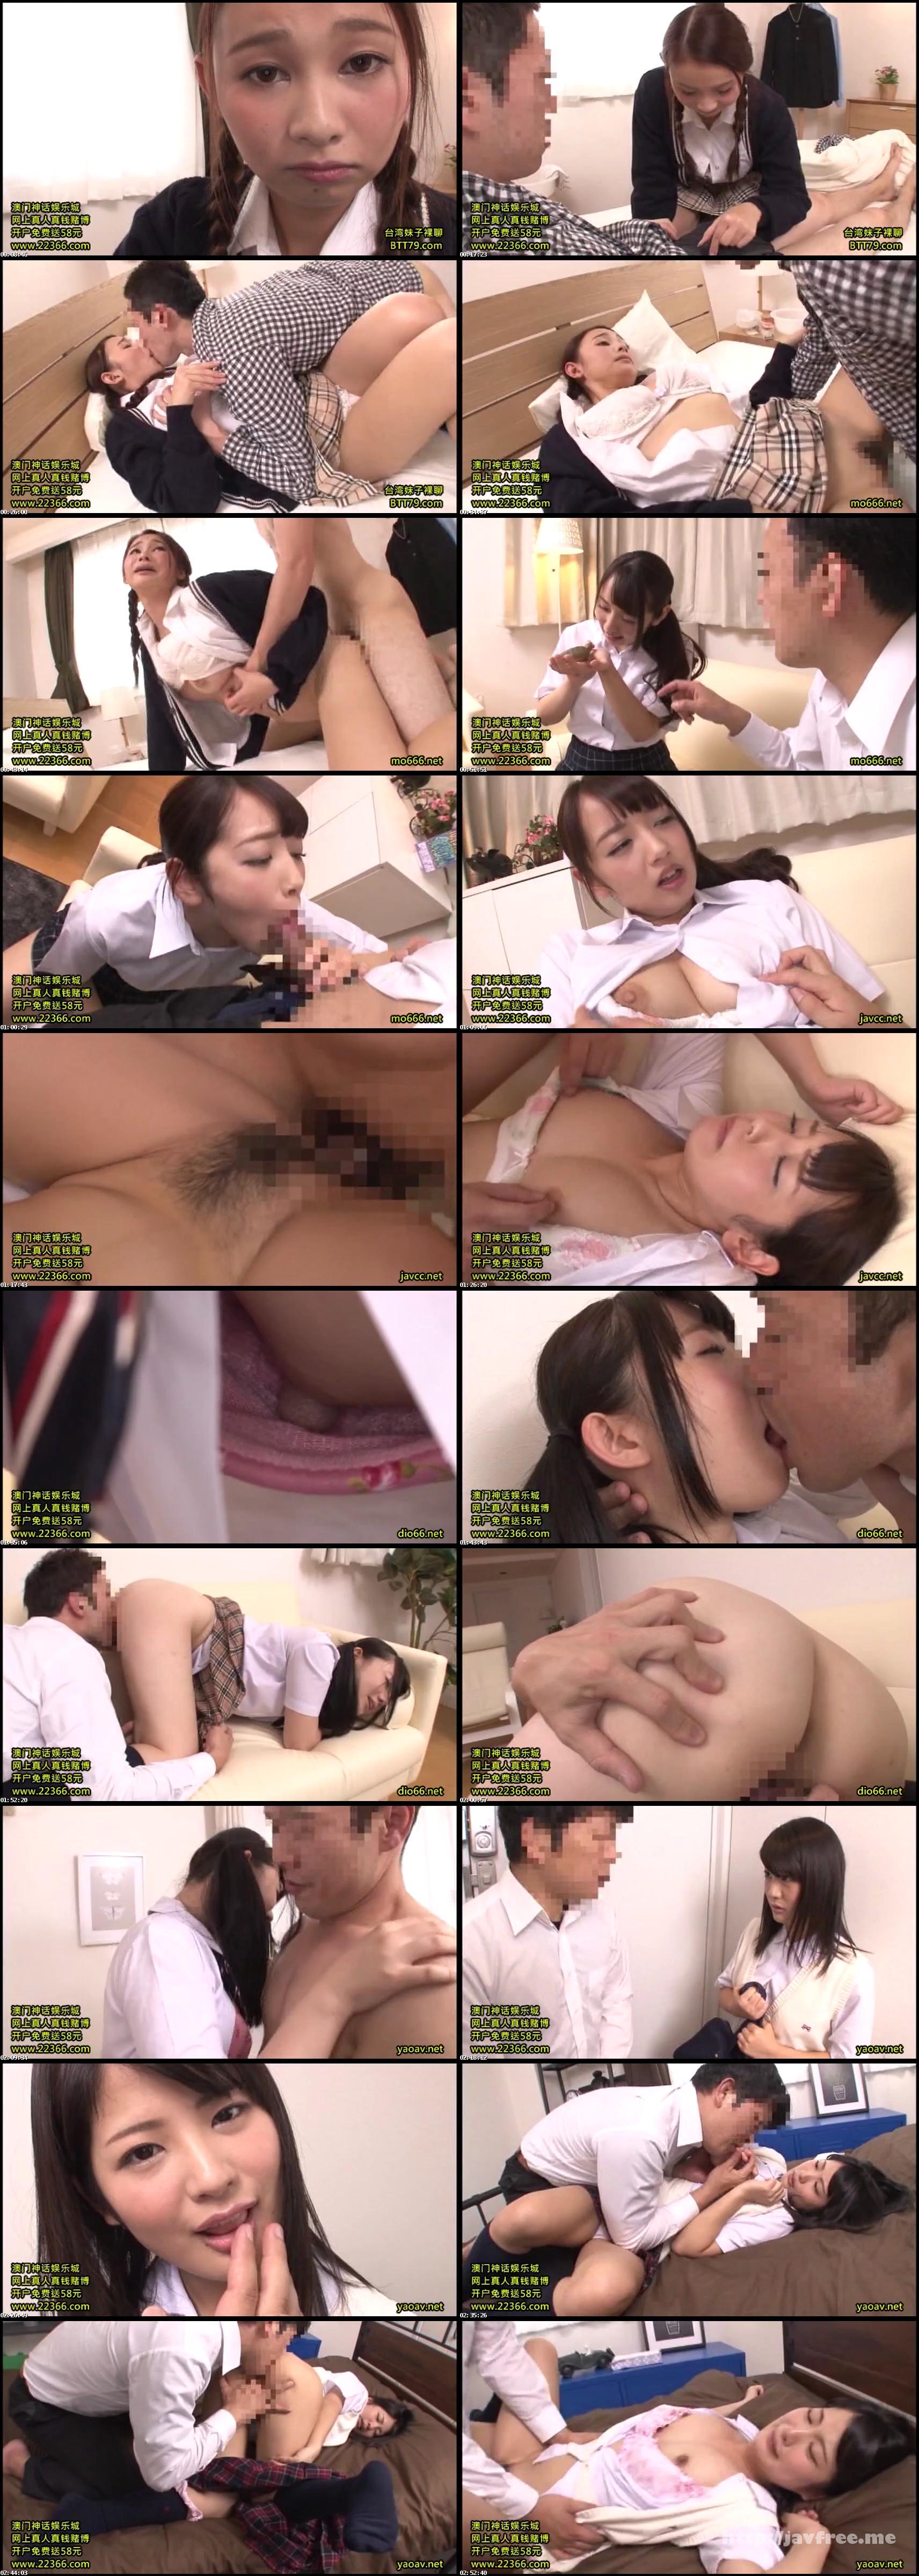 [IENE-749] 女子校生で貧乳コンプレックスを抱えている娘は、「浮きブラ乳首チラ見え」に即ボッキしただけで「こんな胸でもいいの?」とウルんだ眼で求めてくる!